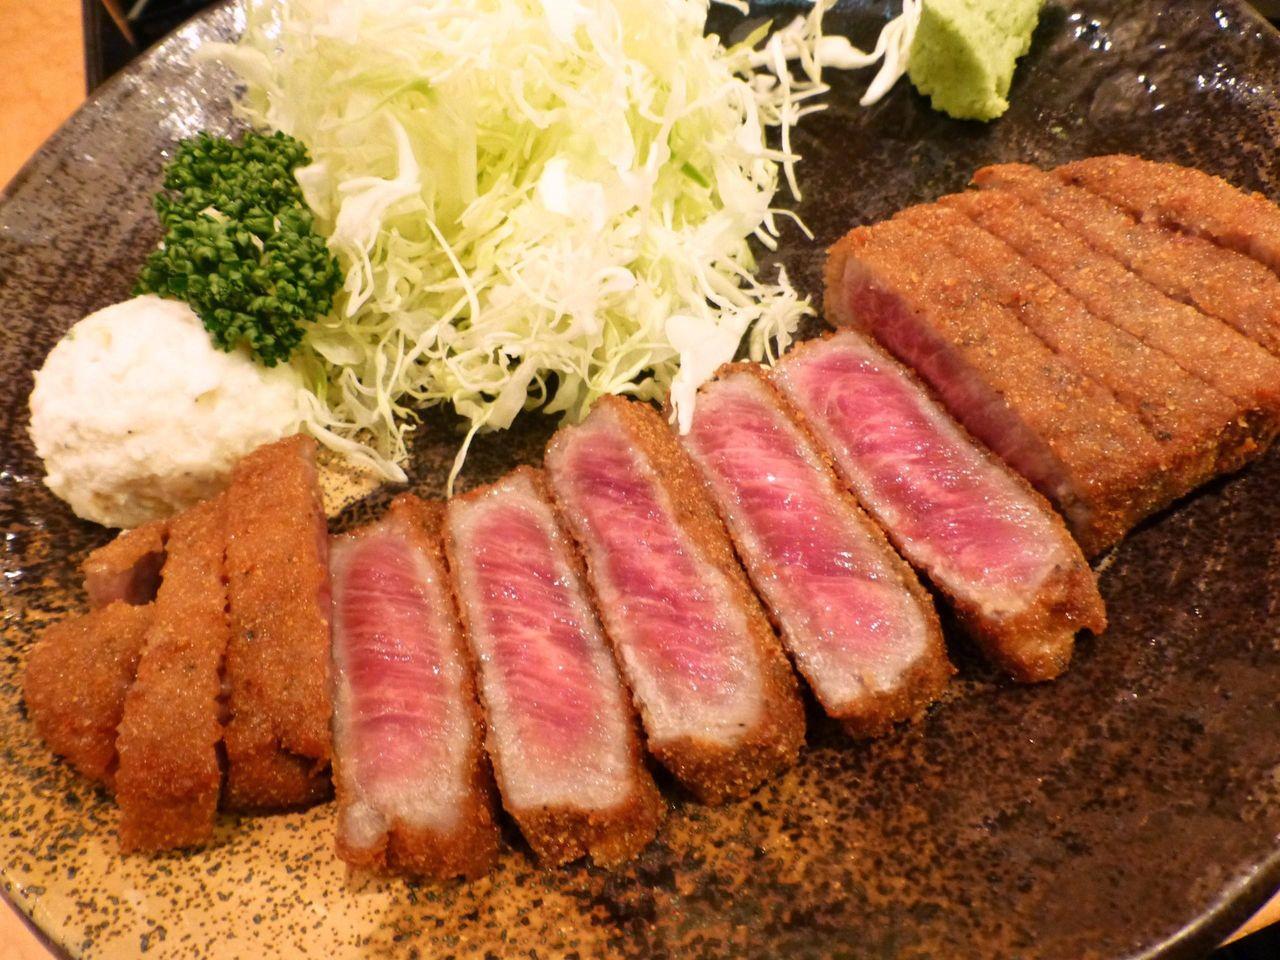 衣はサクッと香ばしく、牛肉はマグロの刺身のような味わい!